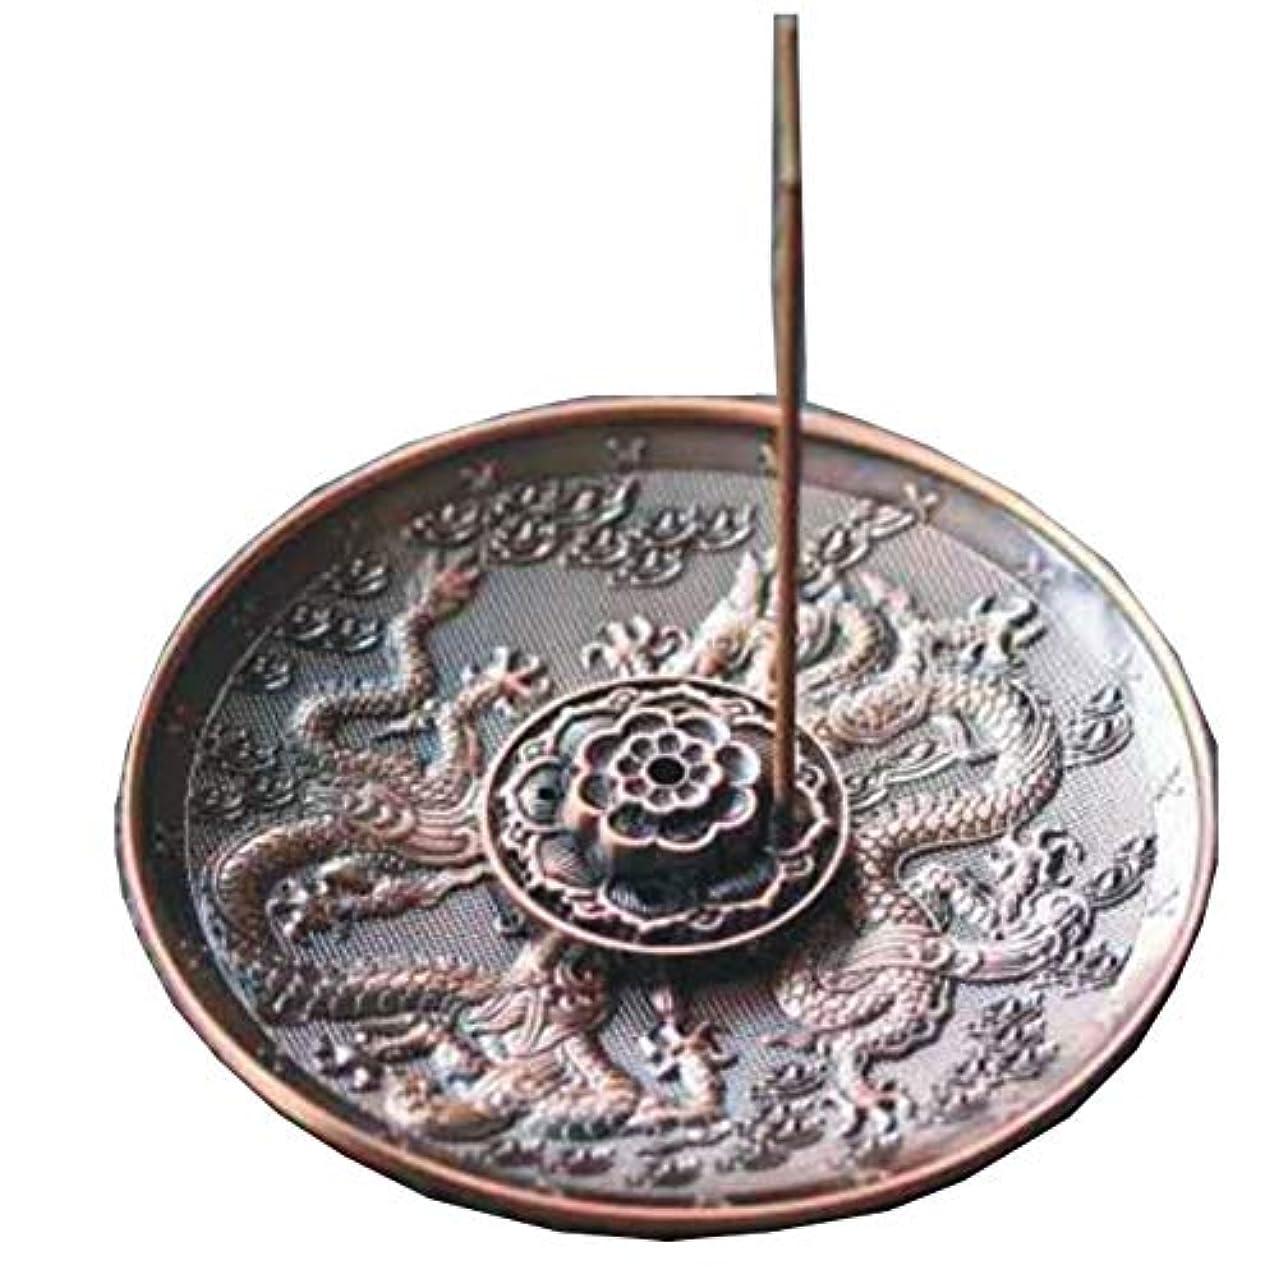 オーナー小包心から[RADISSY] お香立て 香炉 香皿 スティック 円錐 タイプ お香 スタンド 龍のデザイン (赤胴色9穴)